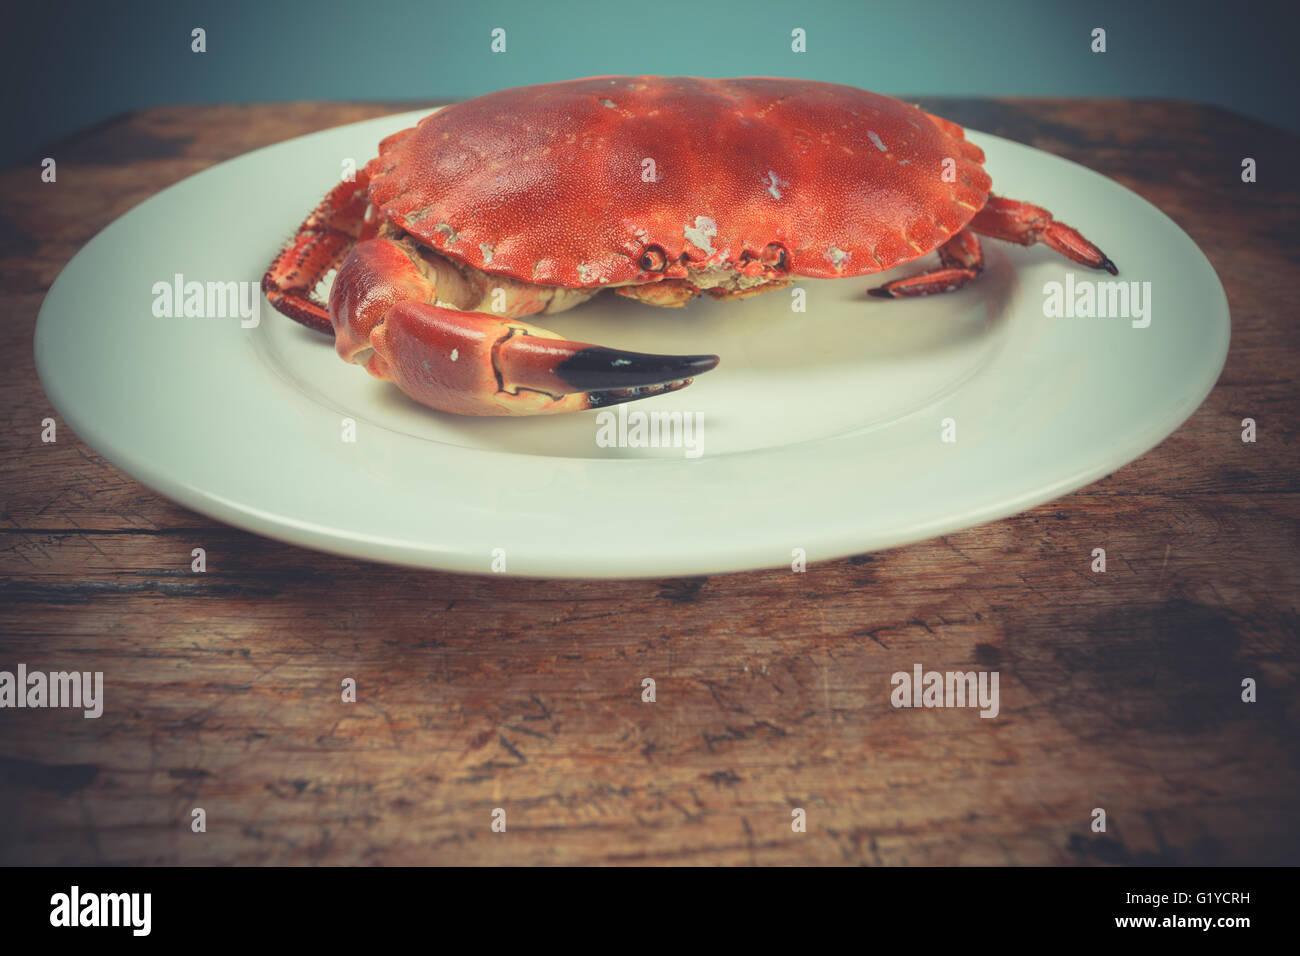 Eine rote Krabbe auf einem Teller Stockbild